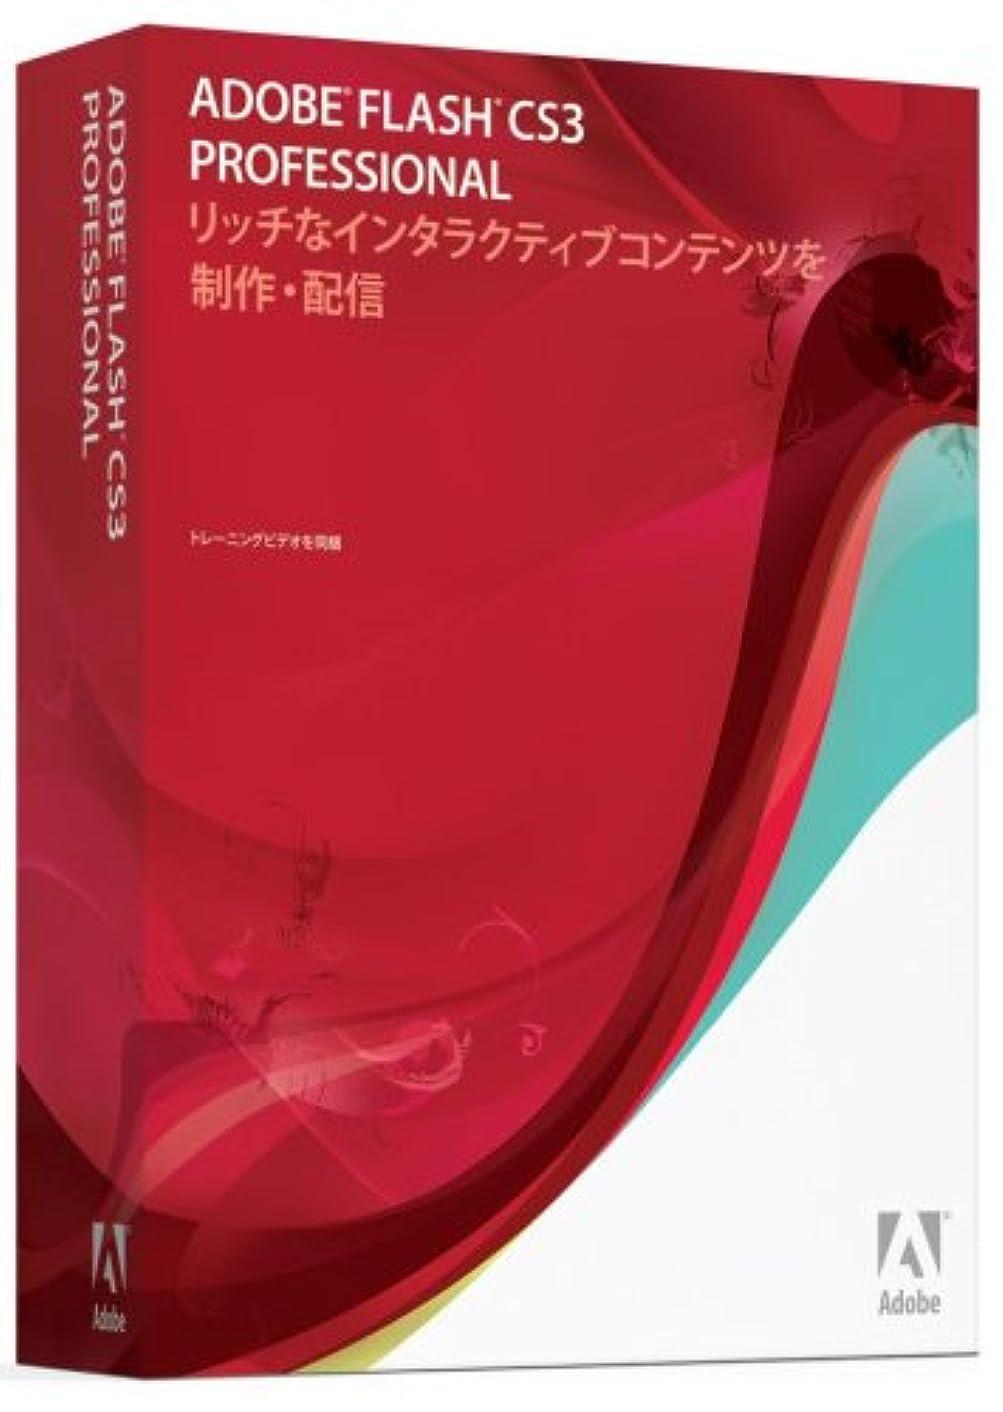 アンタゴニスト運命的な専門Flash CS3 Professional 日本語版 Windows版 (旧製品)